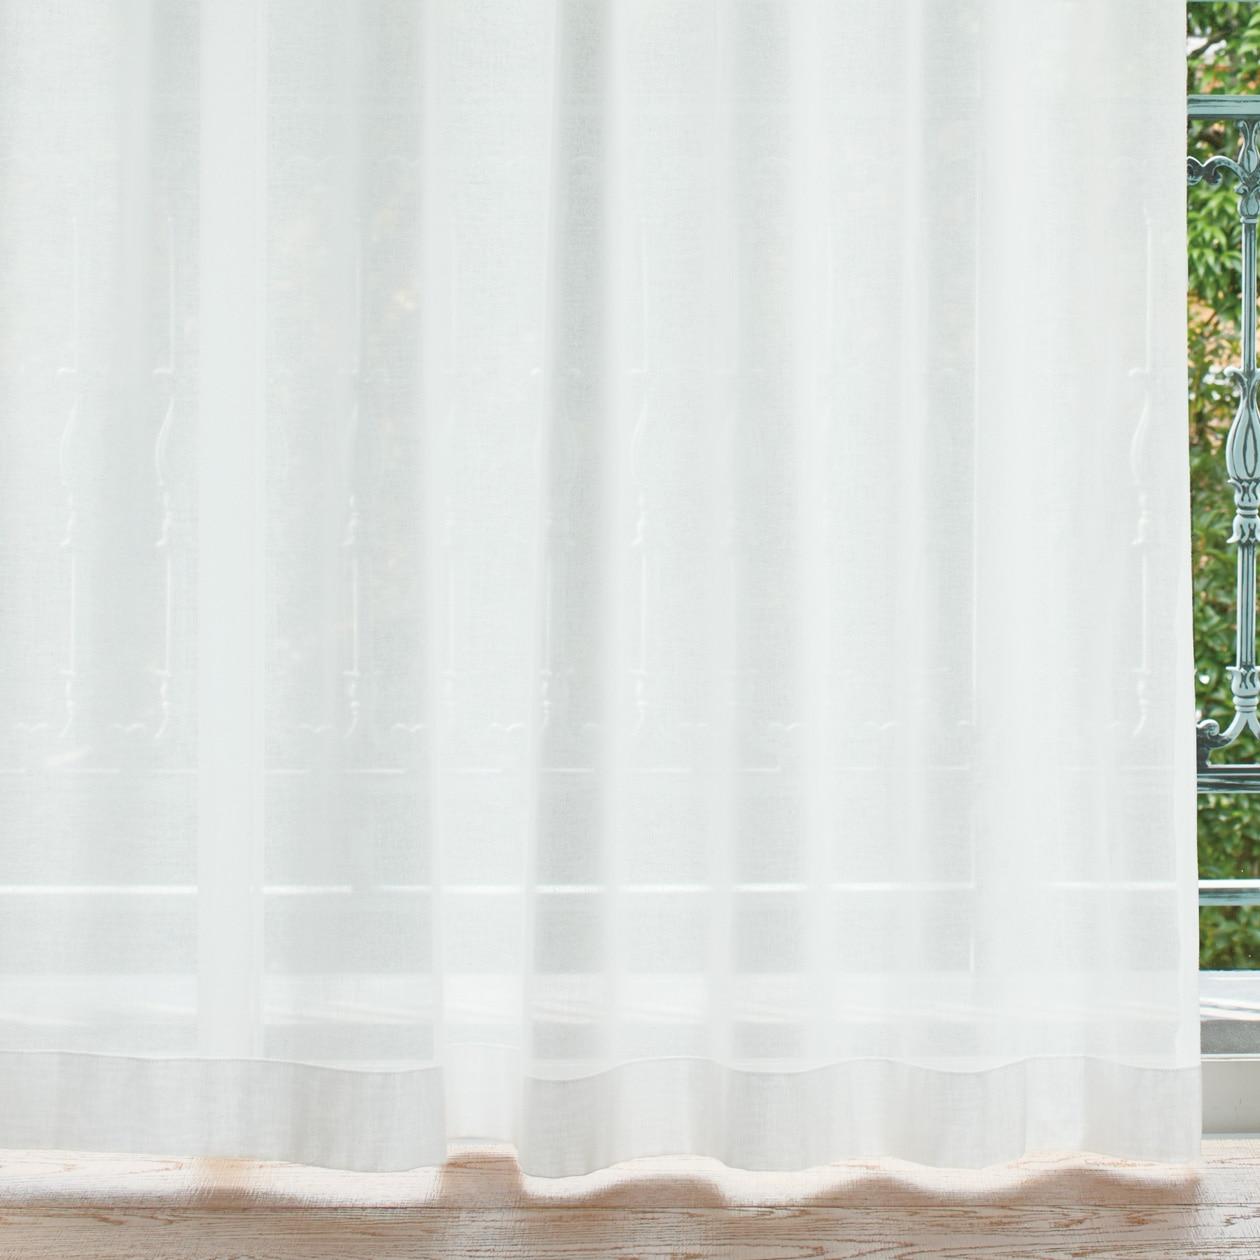 綿ボイルプリーツカーテン/オフ白の写真